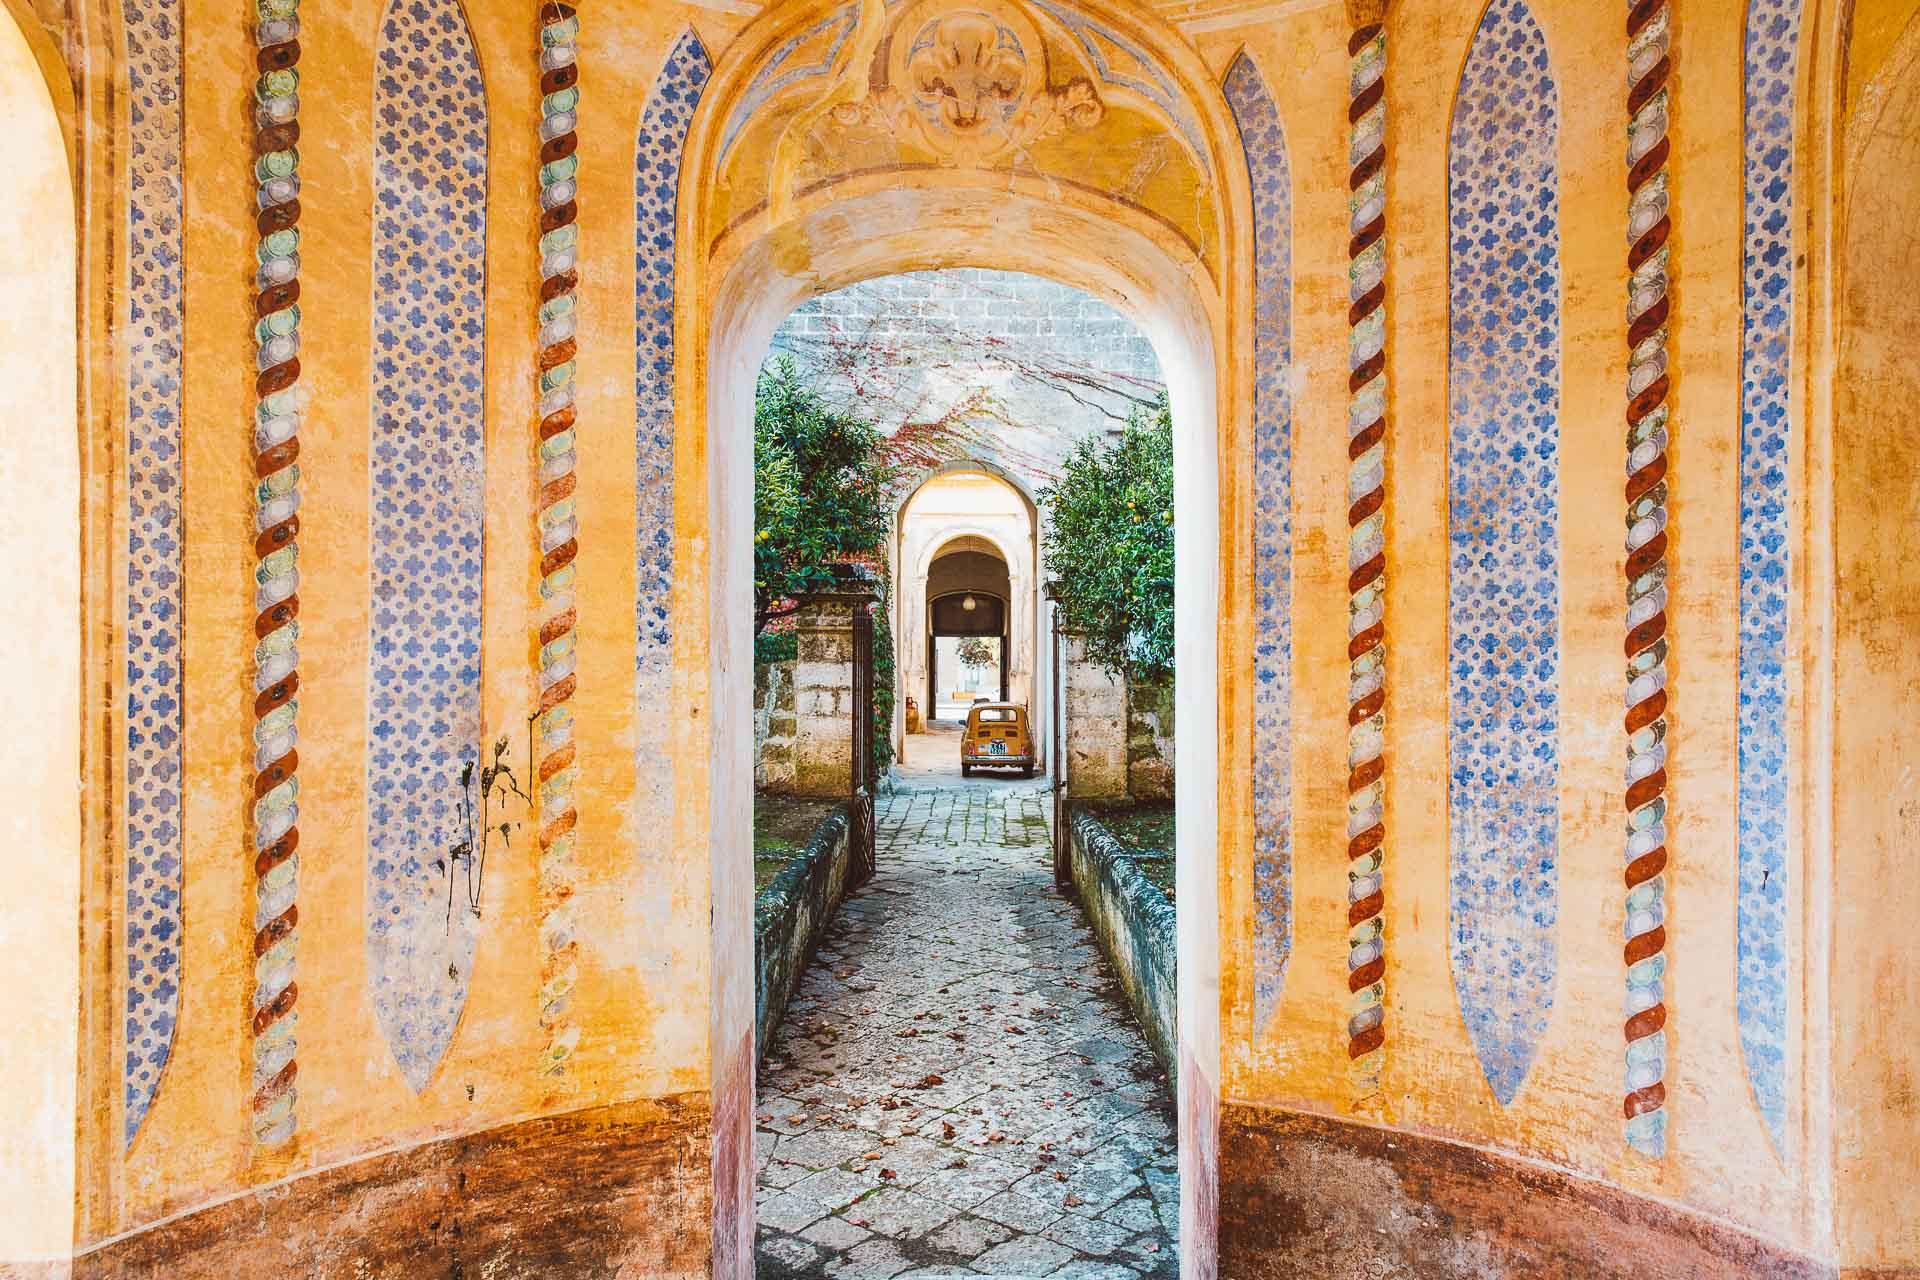 Dans la très courue région des Pouilles se cache dans un village hors des sentiers battus, le Palazzo Daniele, un palais néoclassique entièrement remis à neuf dans un style contemporain et luxueux, où vivre la Grande Bellezza au soleil.